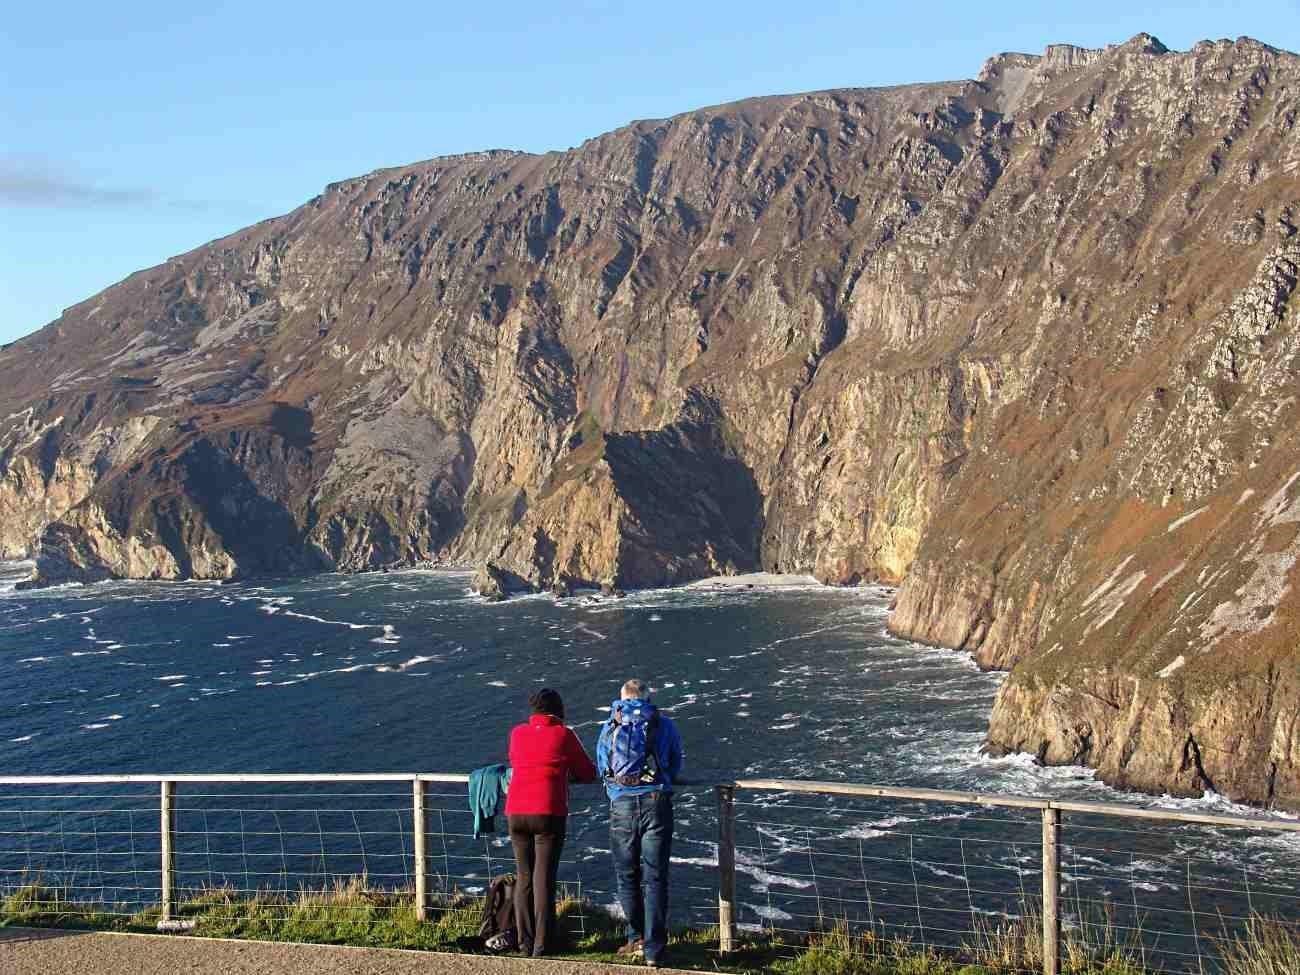 Visiting the Sliabh Liag Cliffs